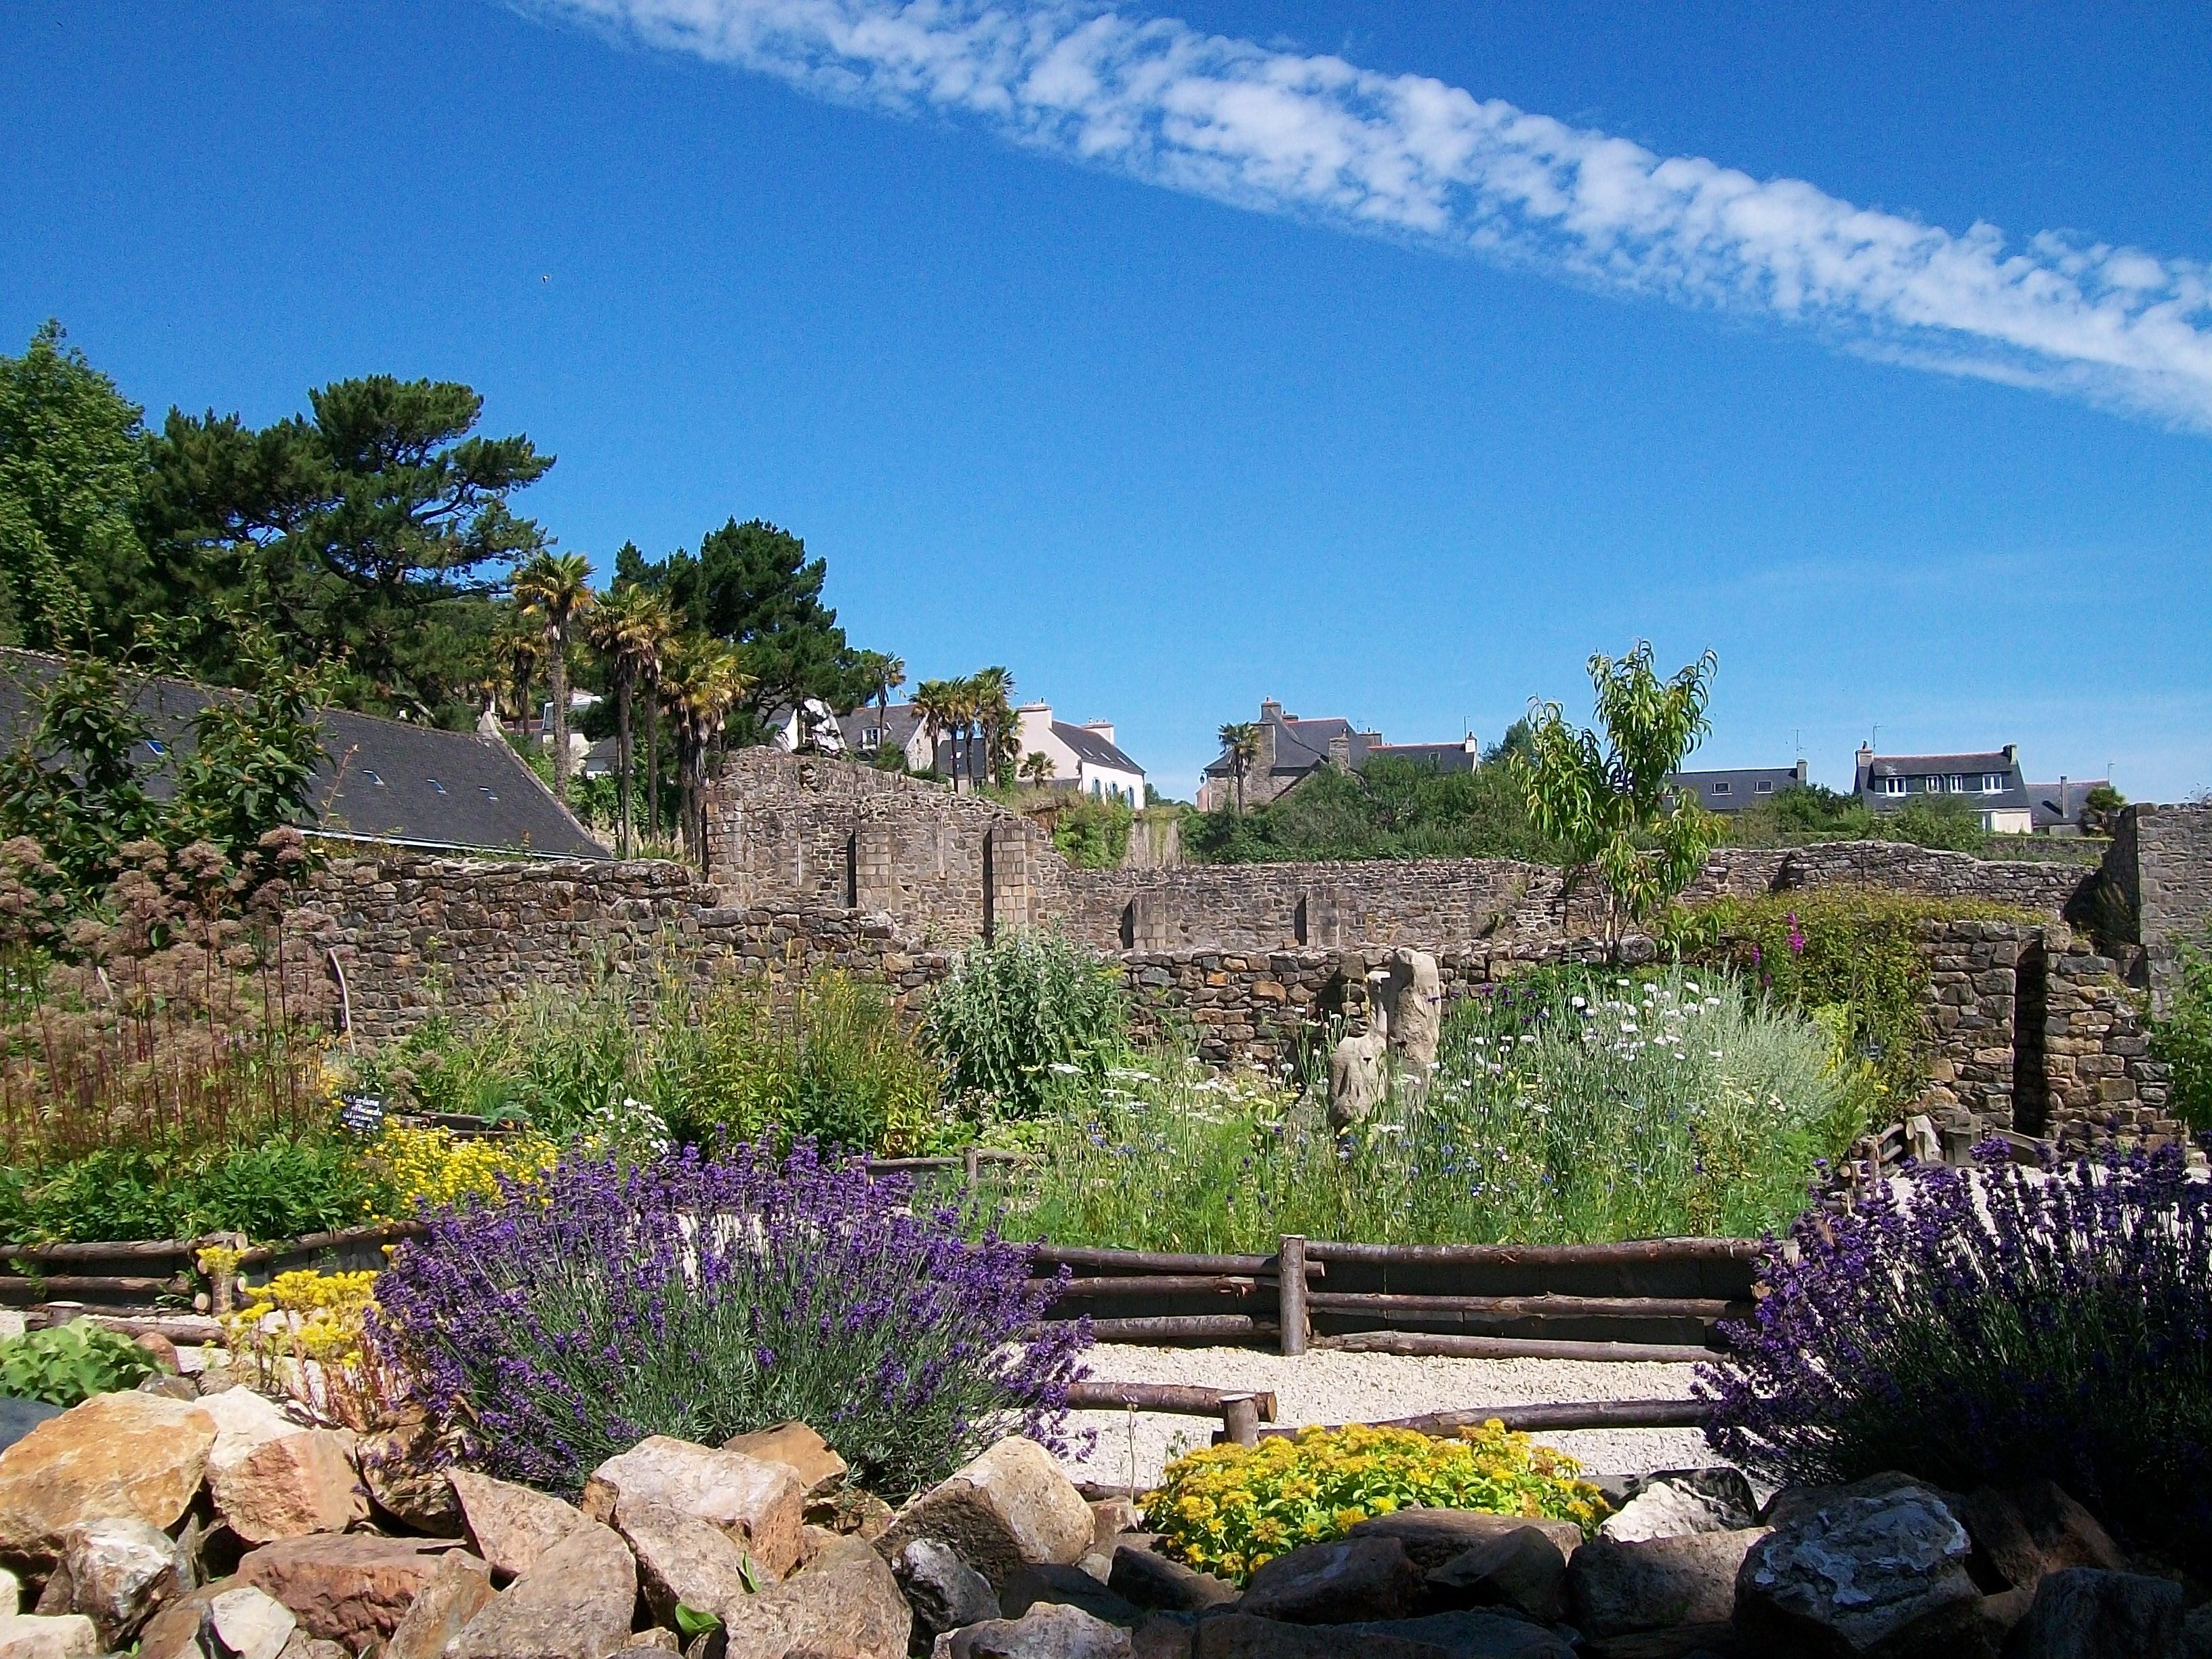 Jardins insolites en finistere bel7 infos for Jardin singulier 2015